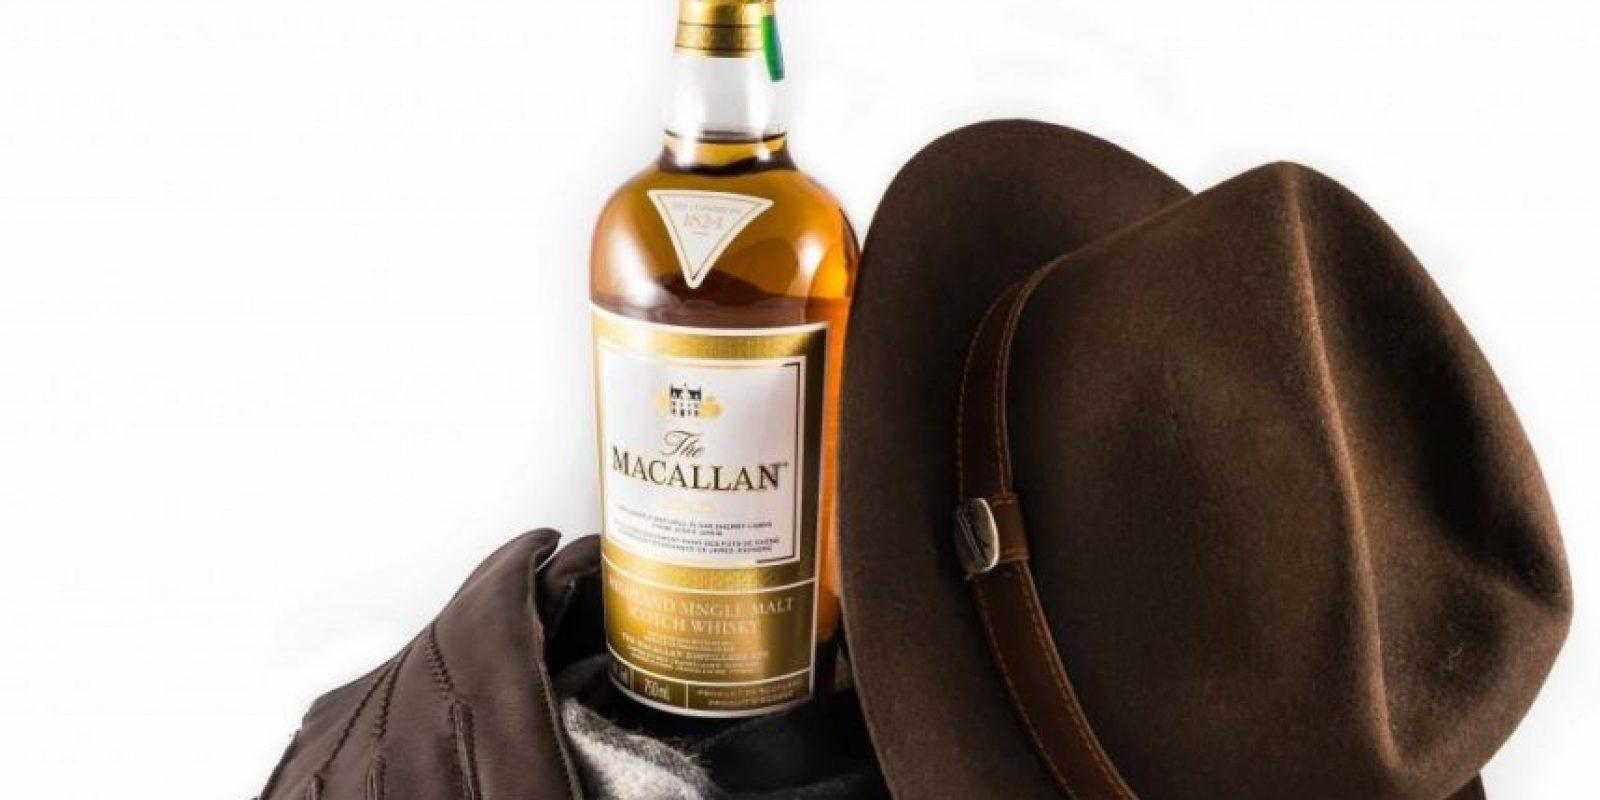 1 botella de whisky dentro del Top 10 de las más caras del mundo. Foto:Vía facebook.com/themacallan